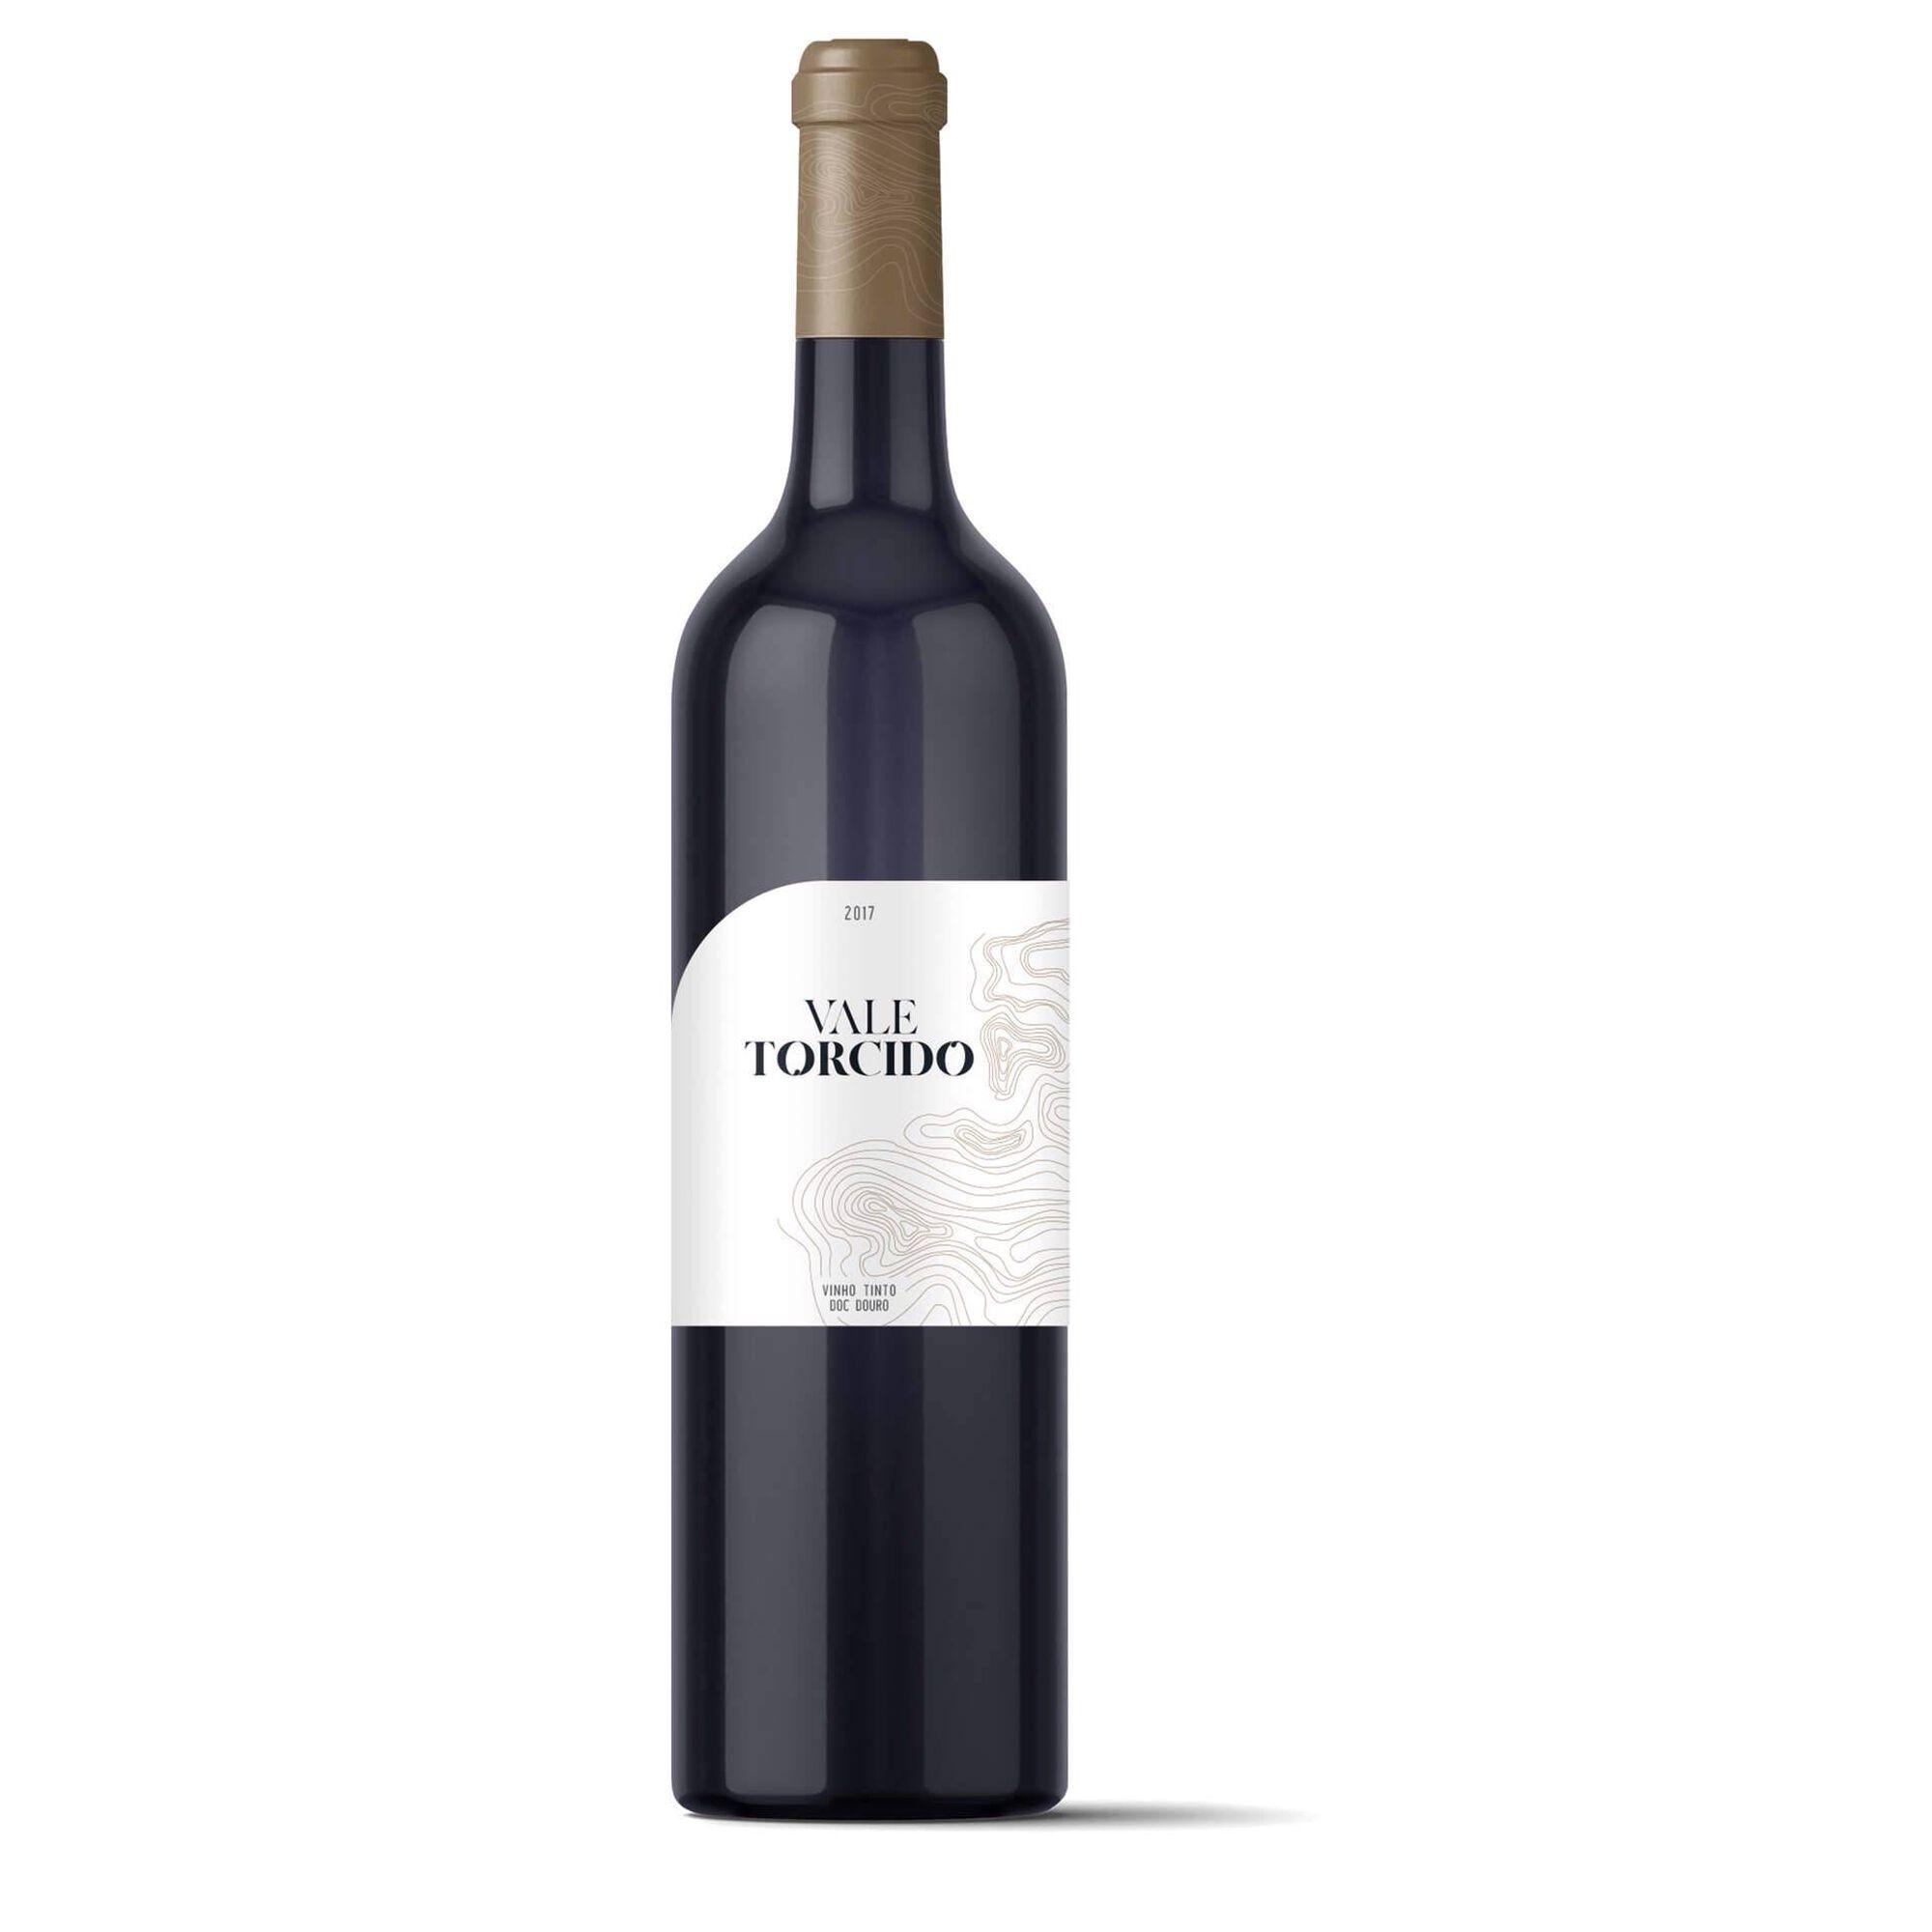 Vale Torcido DOC Douro Vinho Tinto